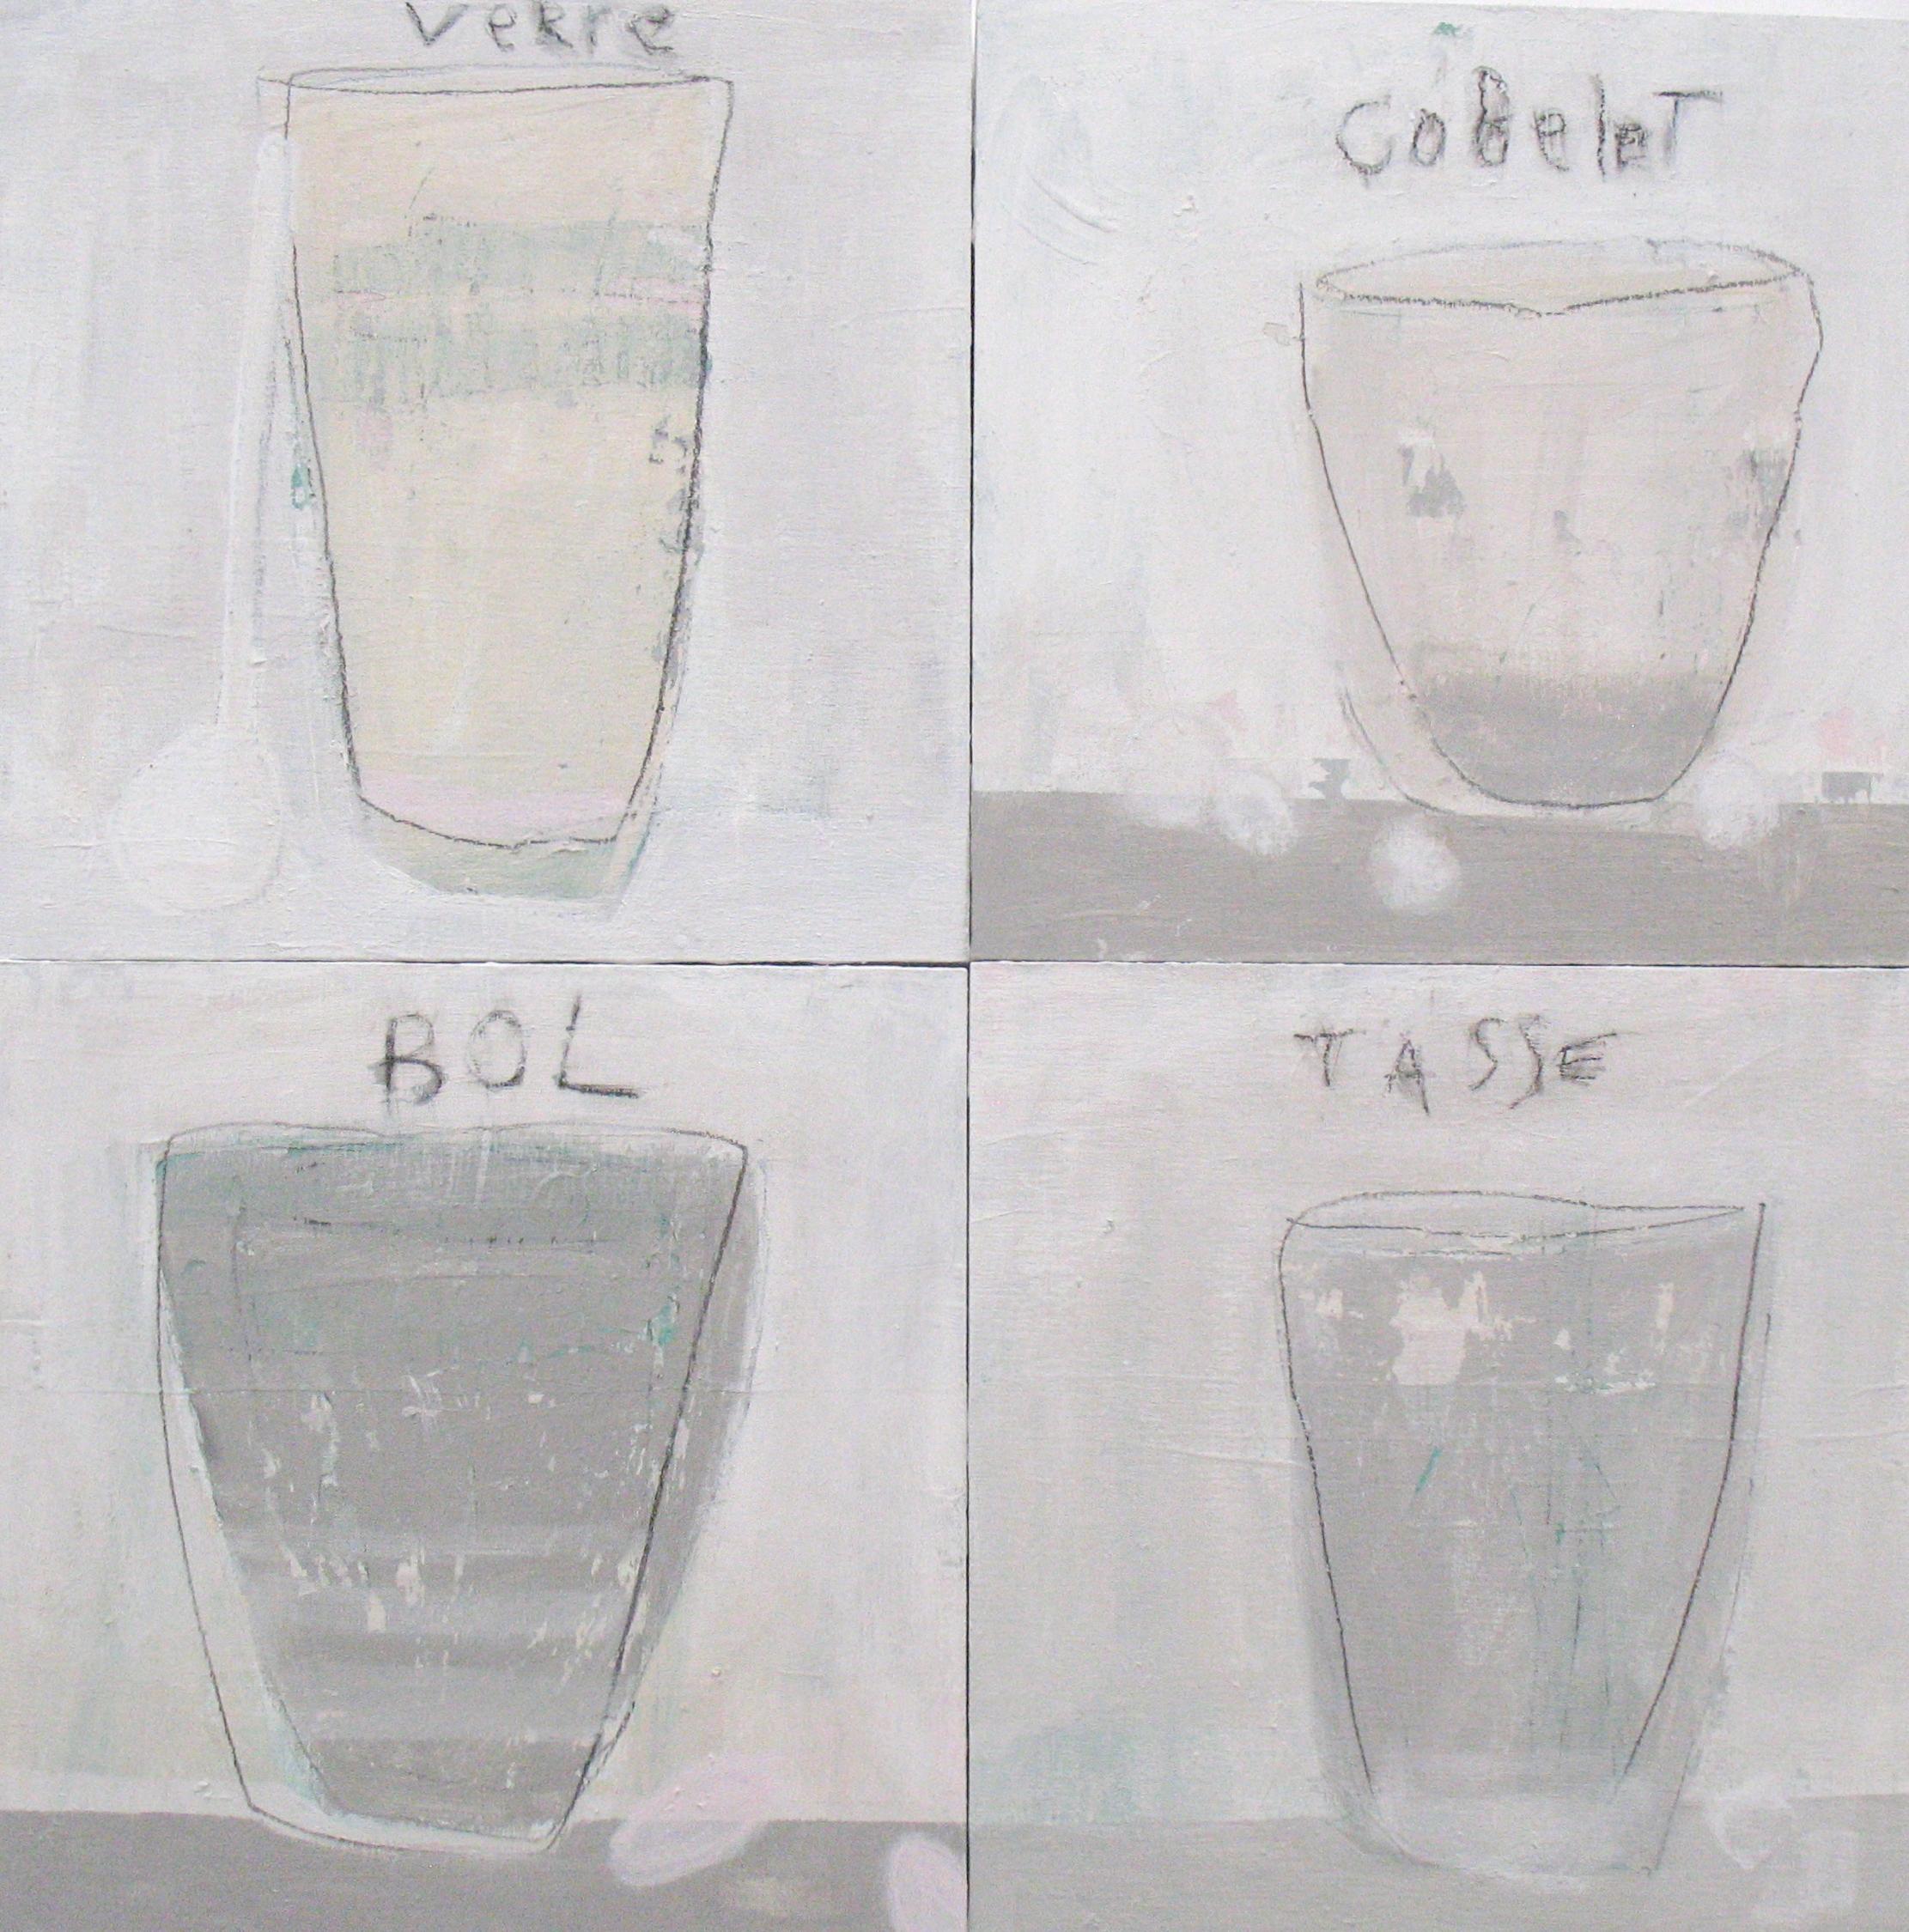 verre,gobelet,bol,tasse.